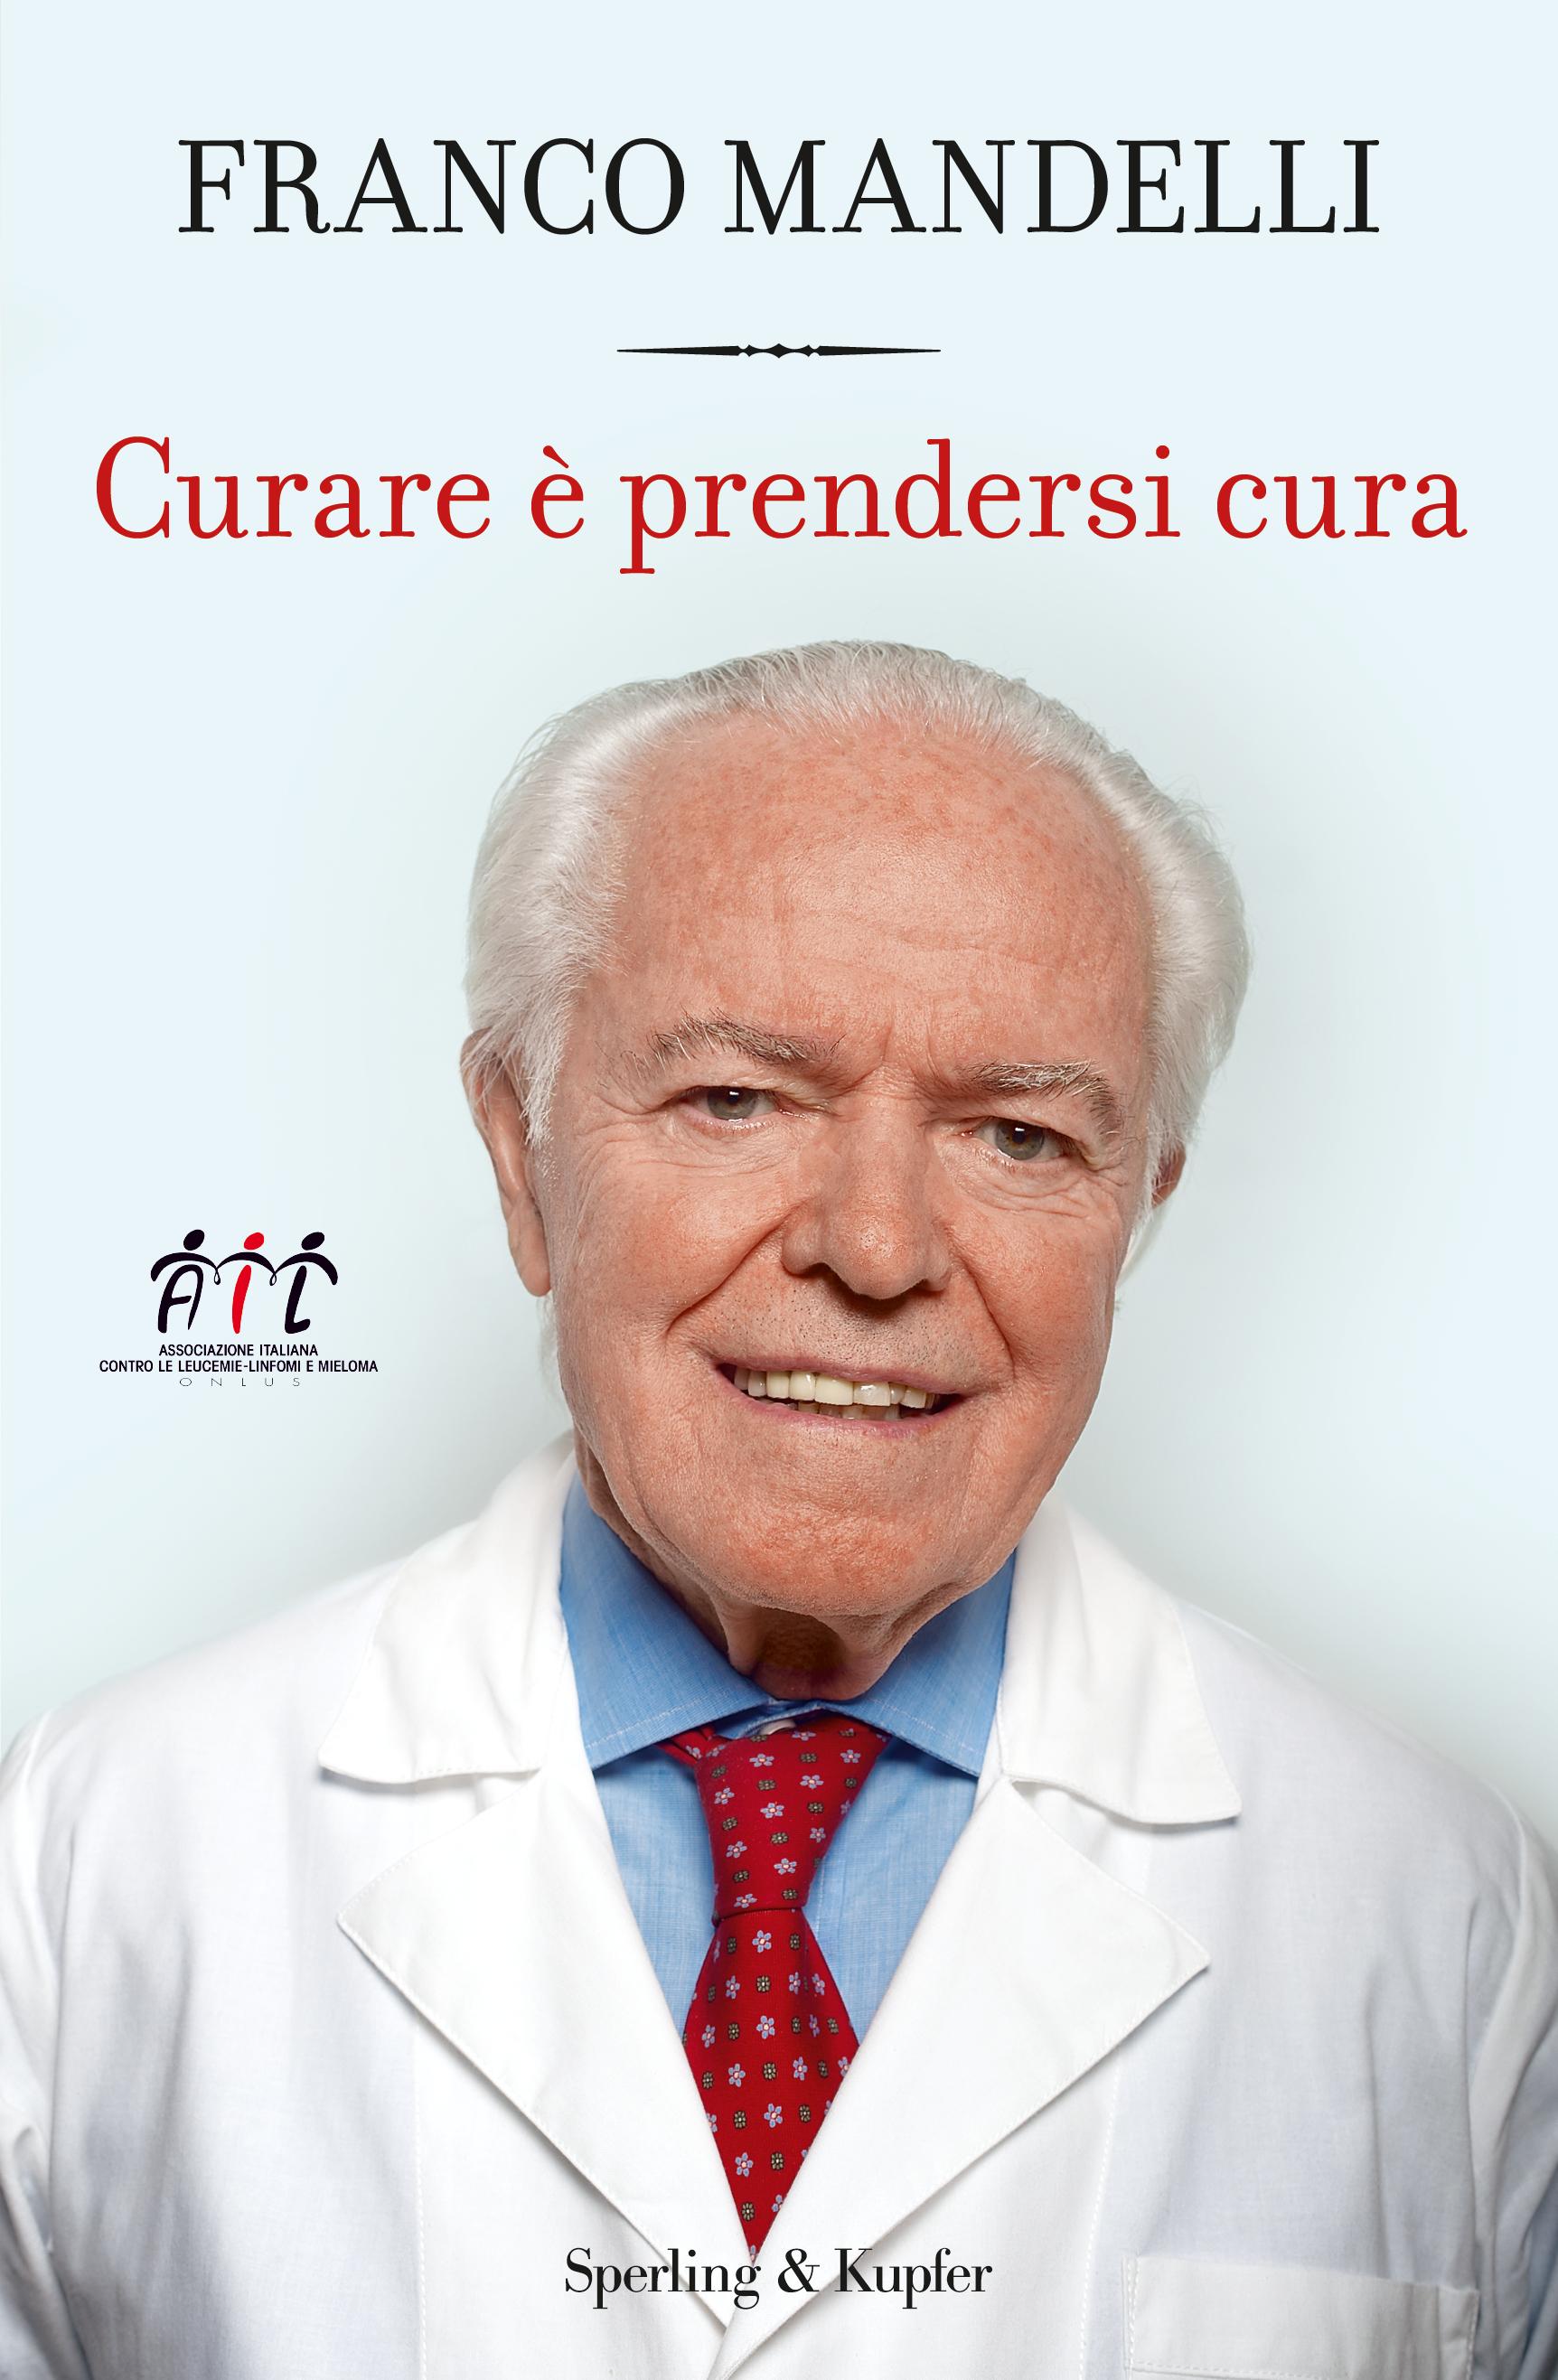 Prof. mandelli